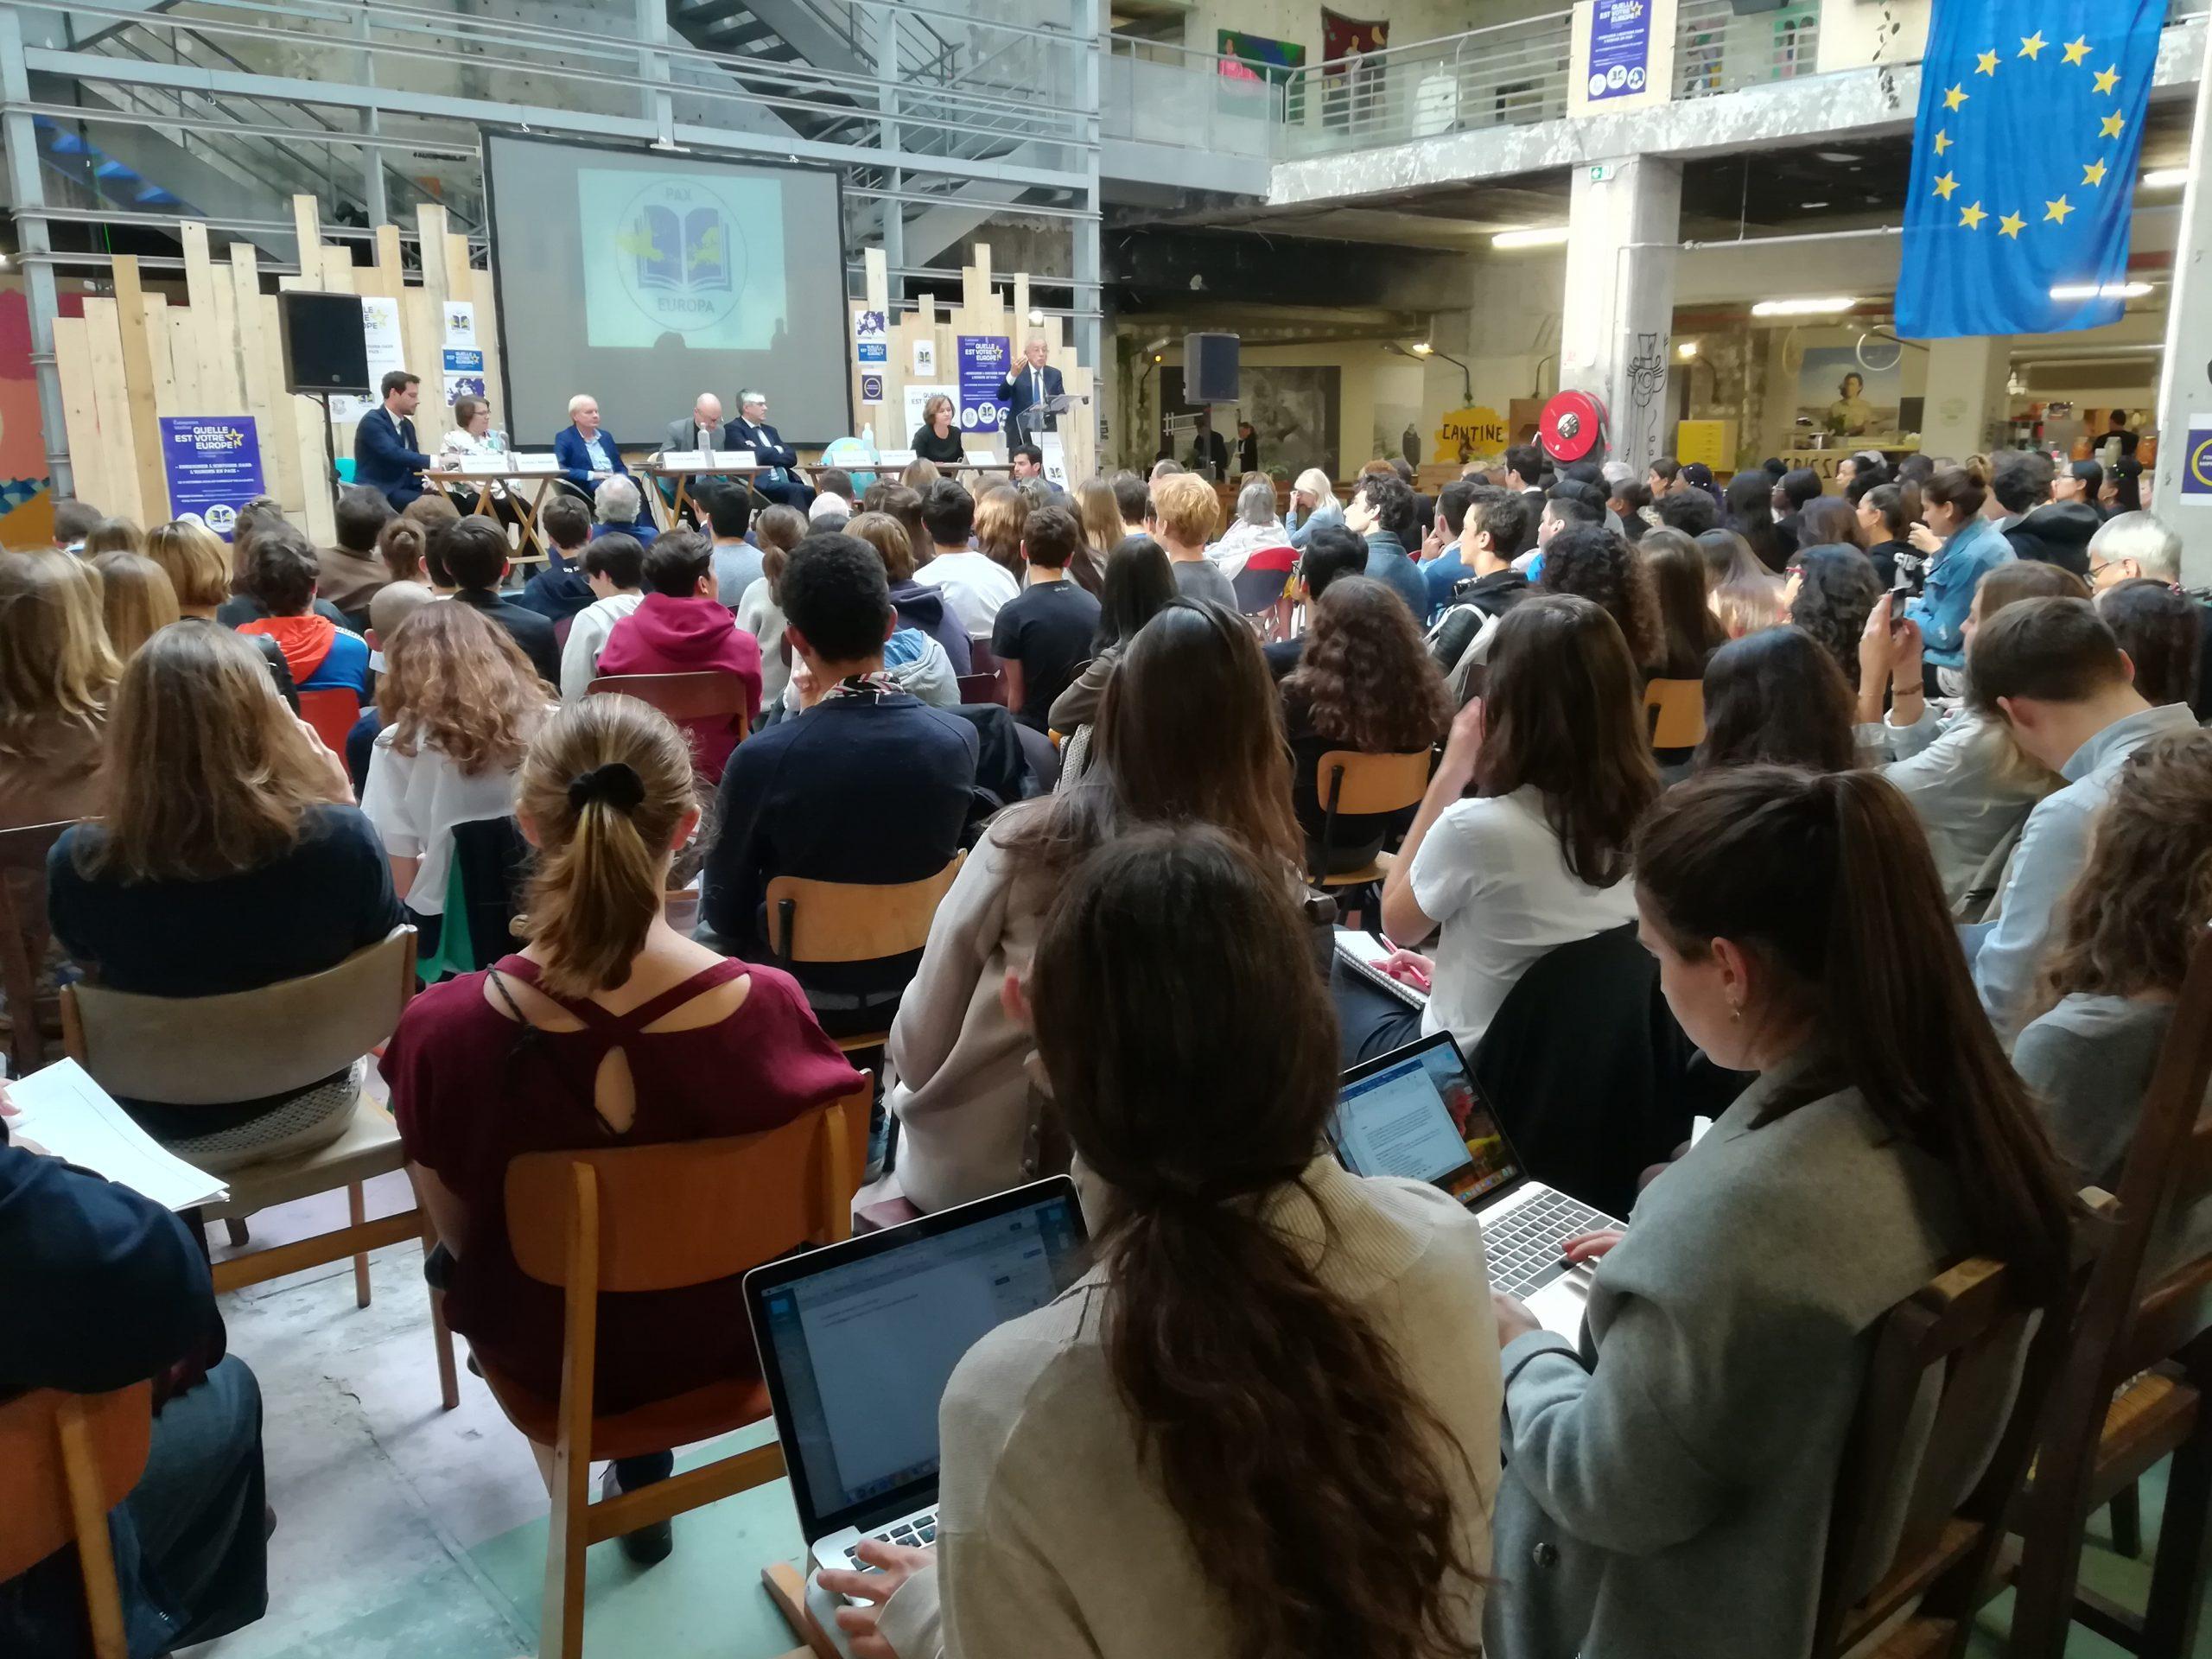 Les élèves de trois lycées ont parlé d'Europe avec des historiens - Crédits : Marie Guitton / Toute l'Europe